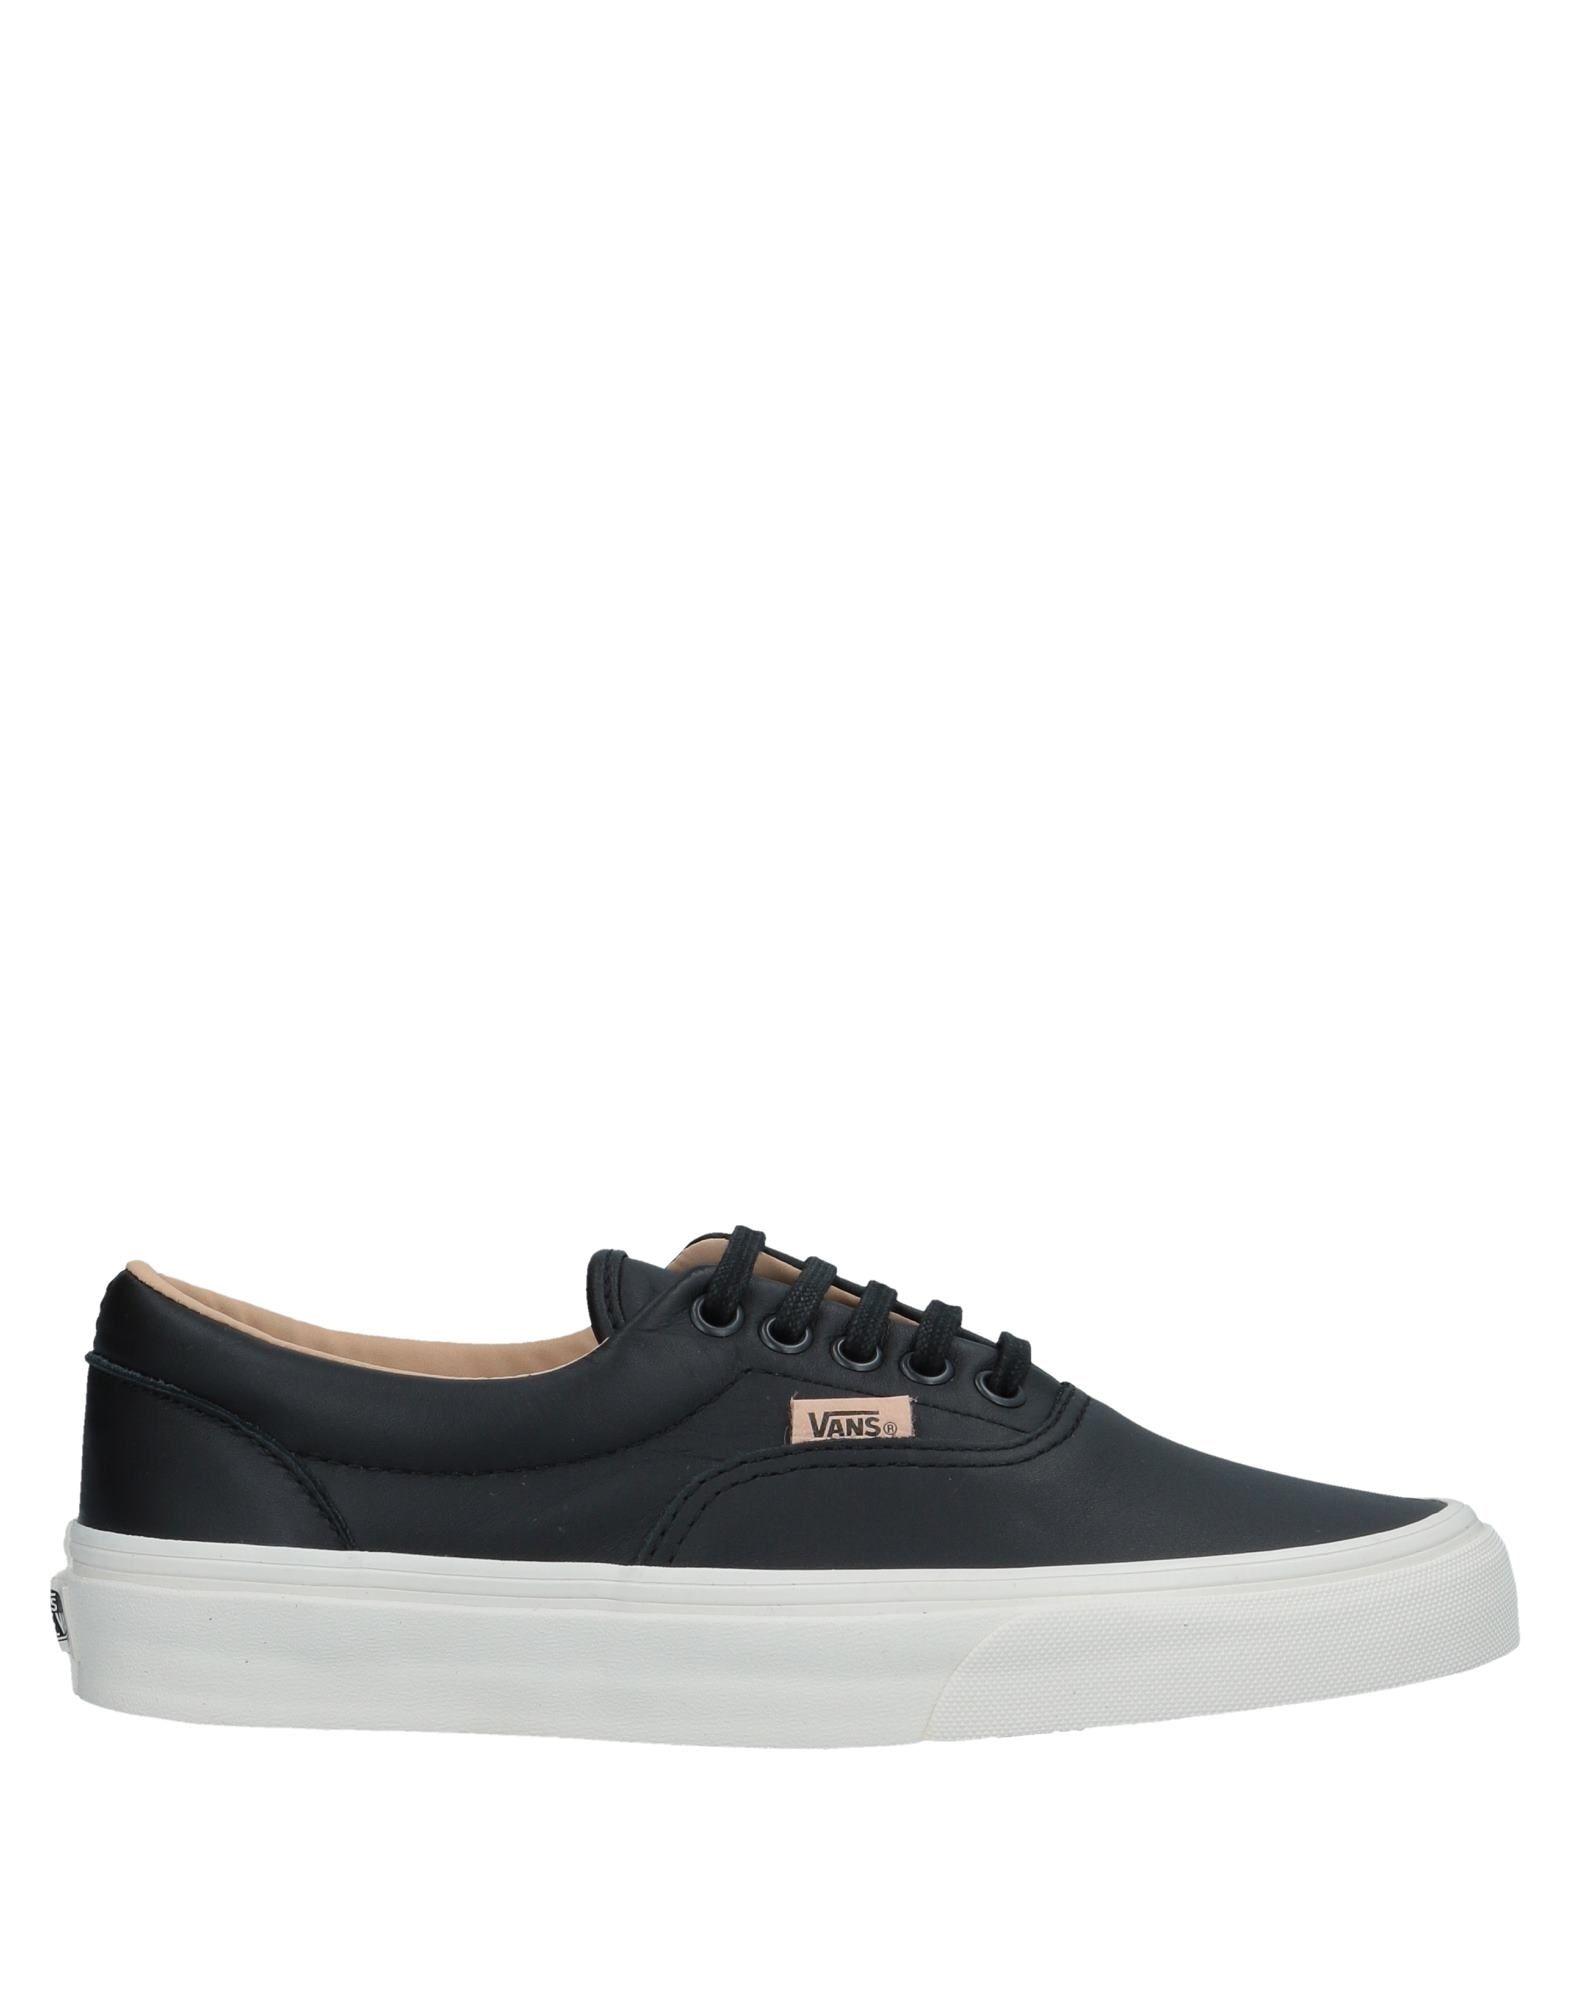 Gran descuento Zapatillas - Vans Mujer - Zapatillas Zapatillas Vans  Negro e79c6e